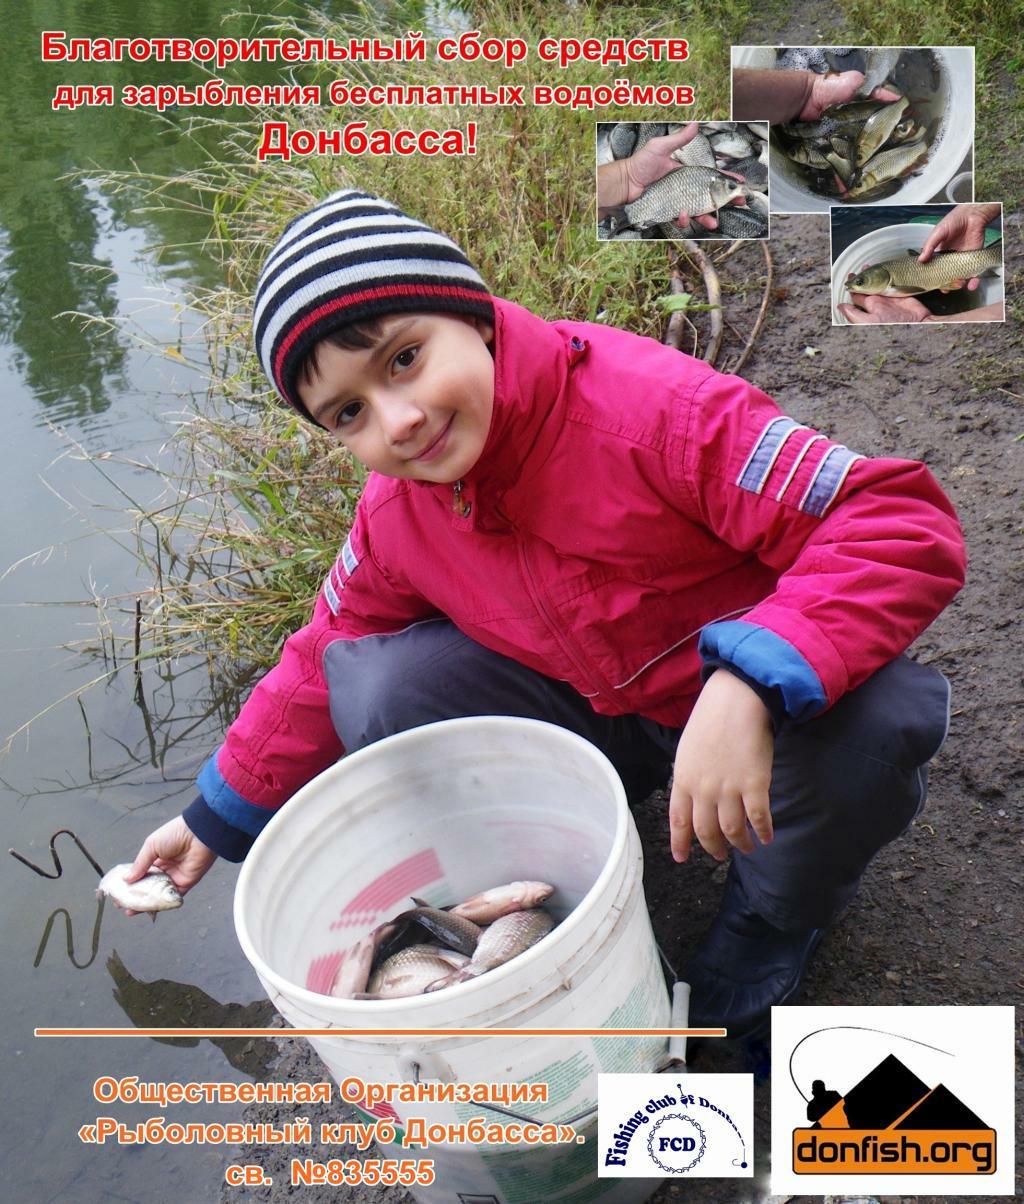 http://s6.uploads.ru/u9vEN.jpg